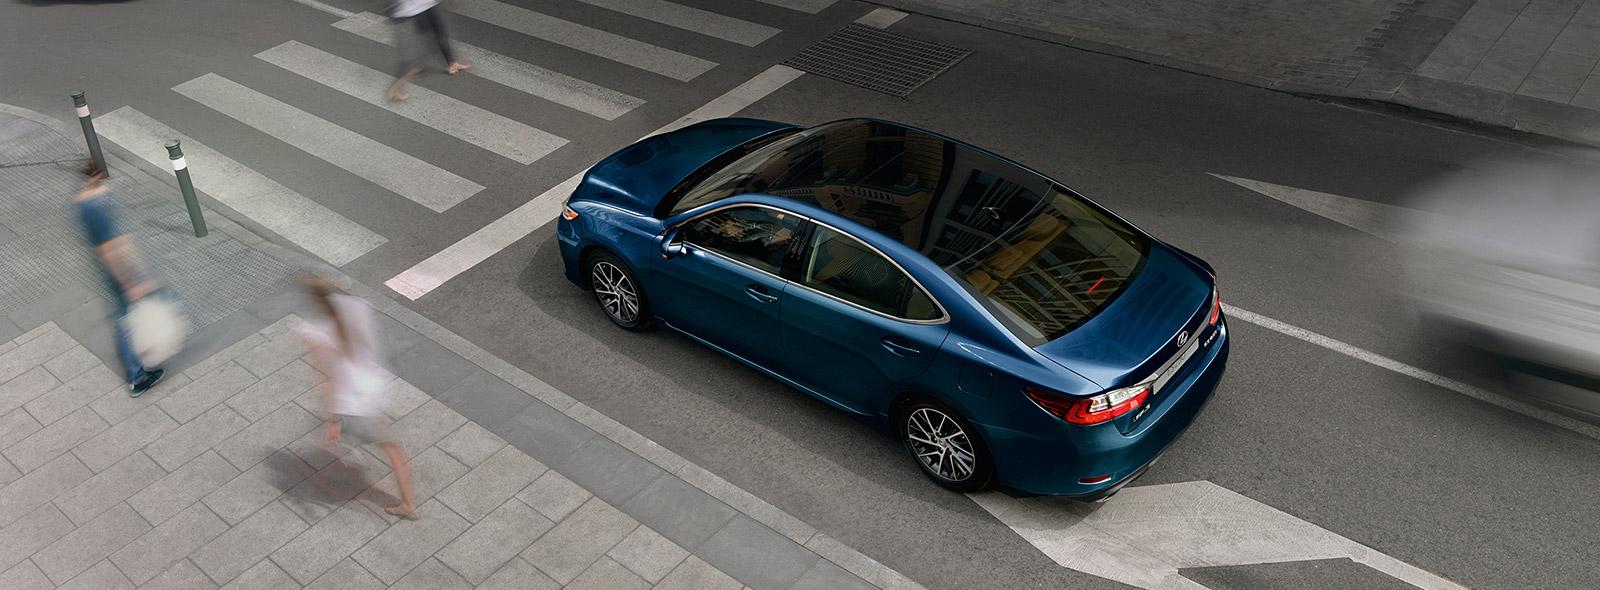 Новий Lexus ES 250 елегантний седан